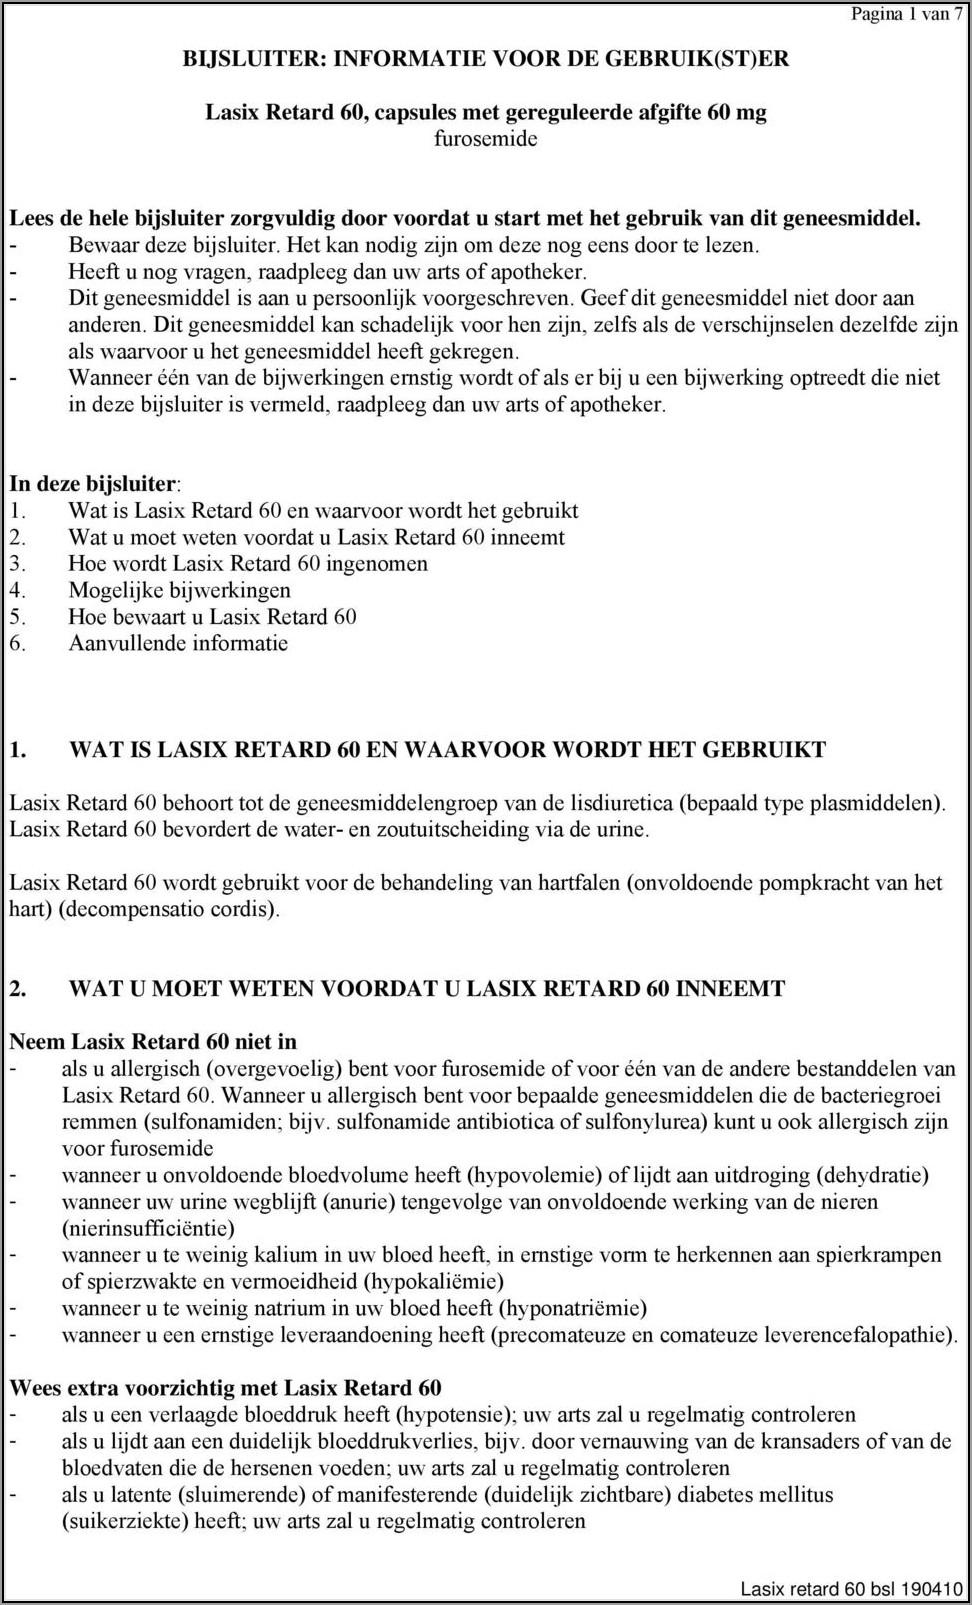 Xubex Patient Assistance Application Form